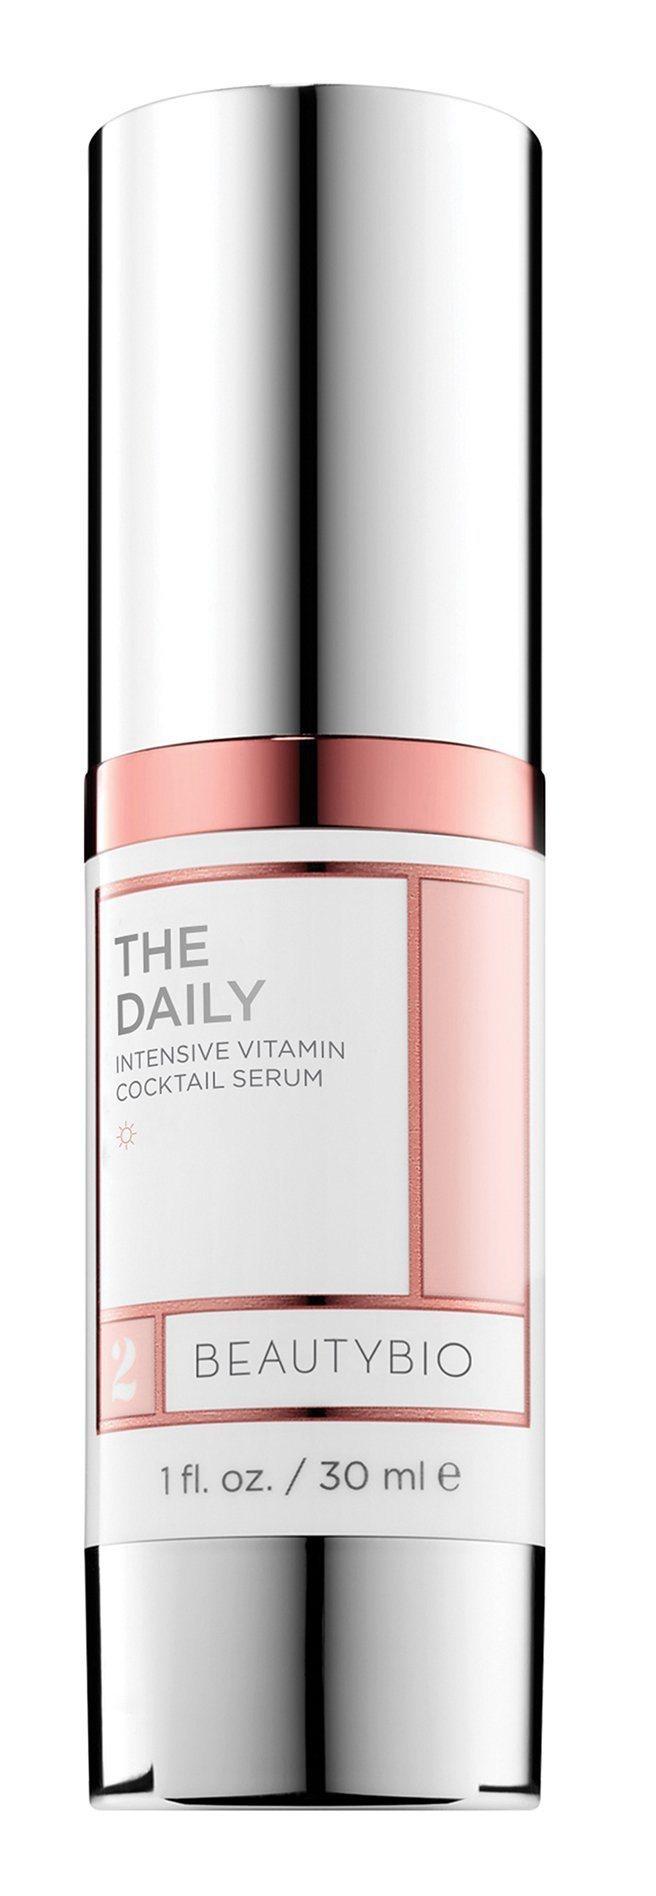 Beautybio The Daily Vitamin C + Antioxidant Day Serum